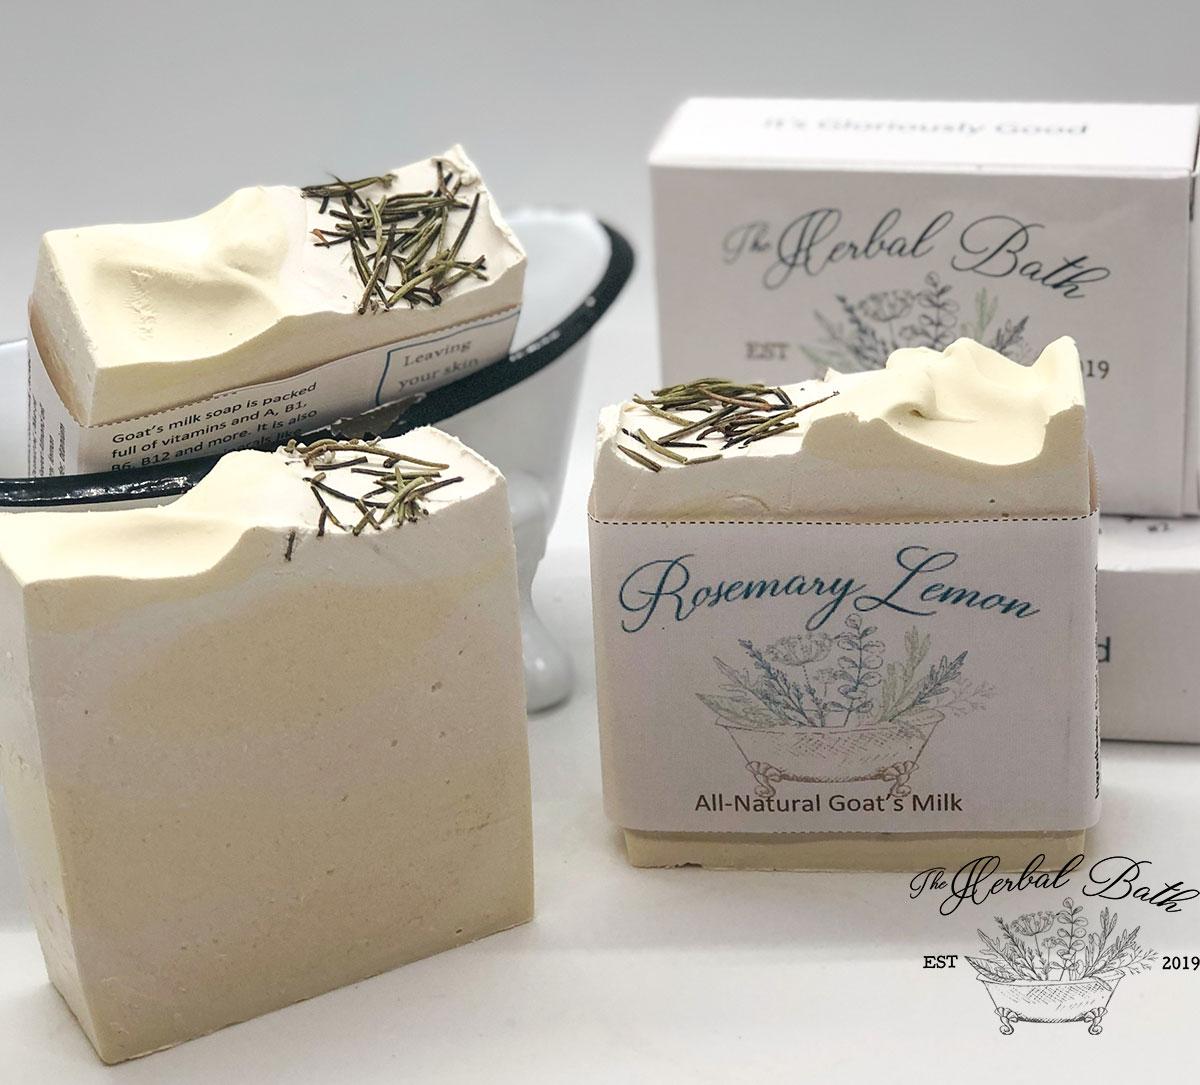 Rosemary Lemon Bliss soap